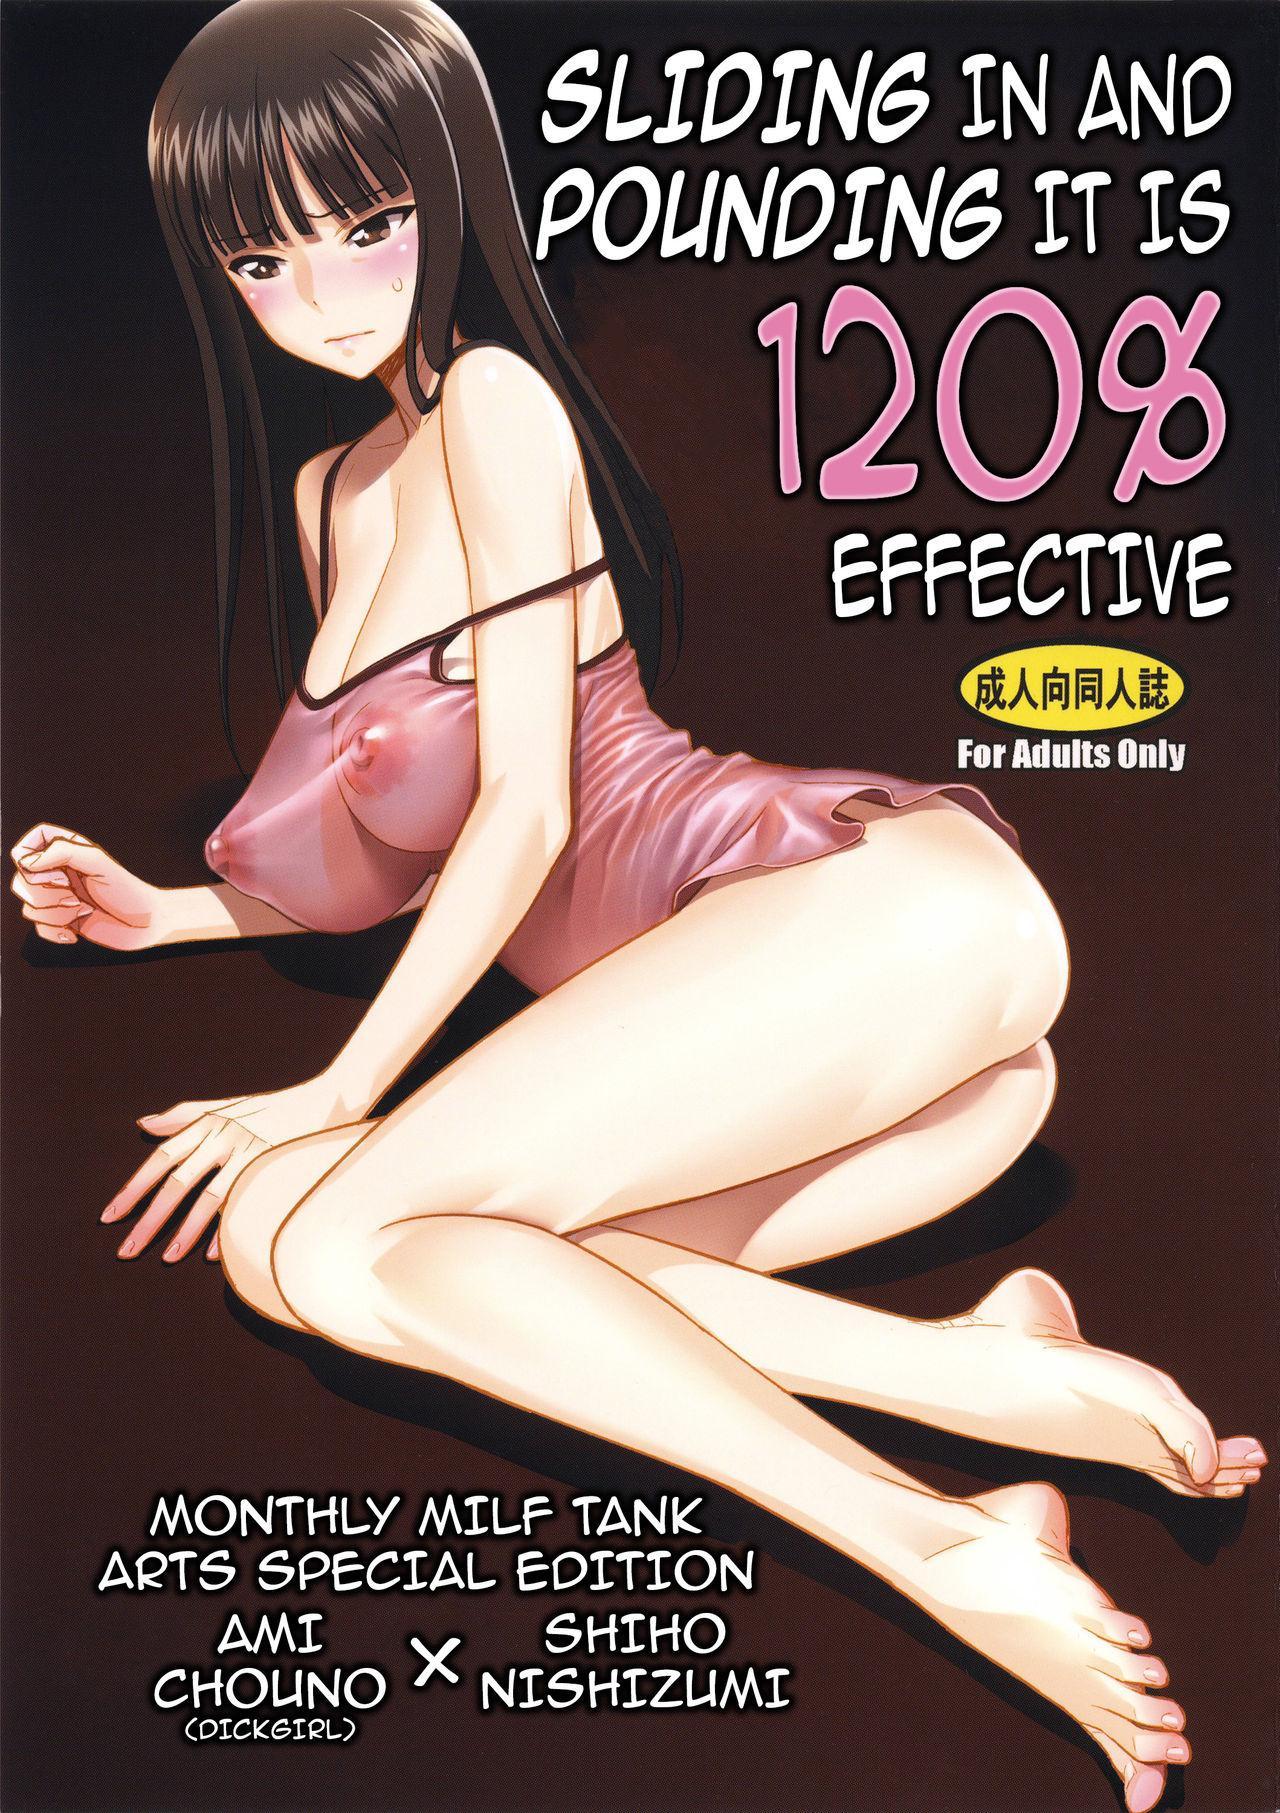 Zuryu tto Irete Zubozubo tto Yareba Gekiharitsu 120% | Sliding in and Pounding it is 120% Effective 0